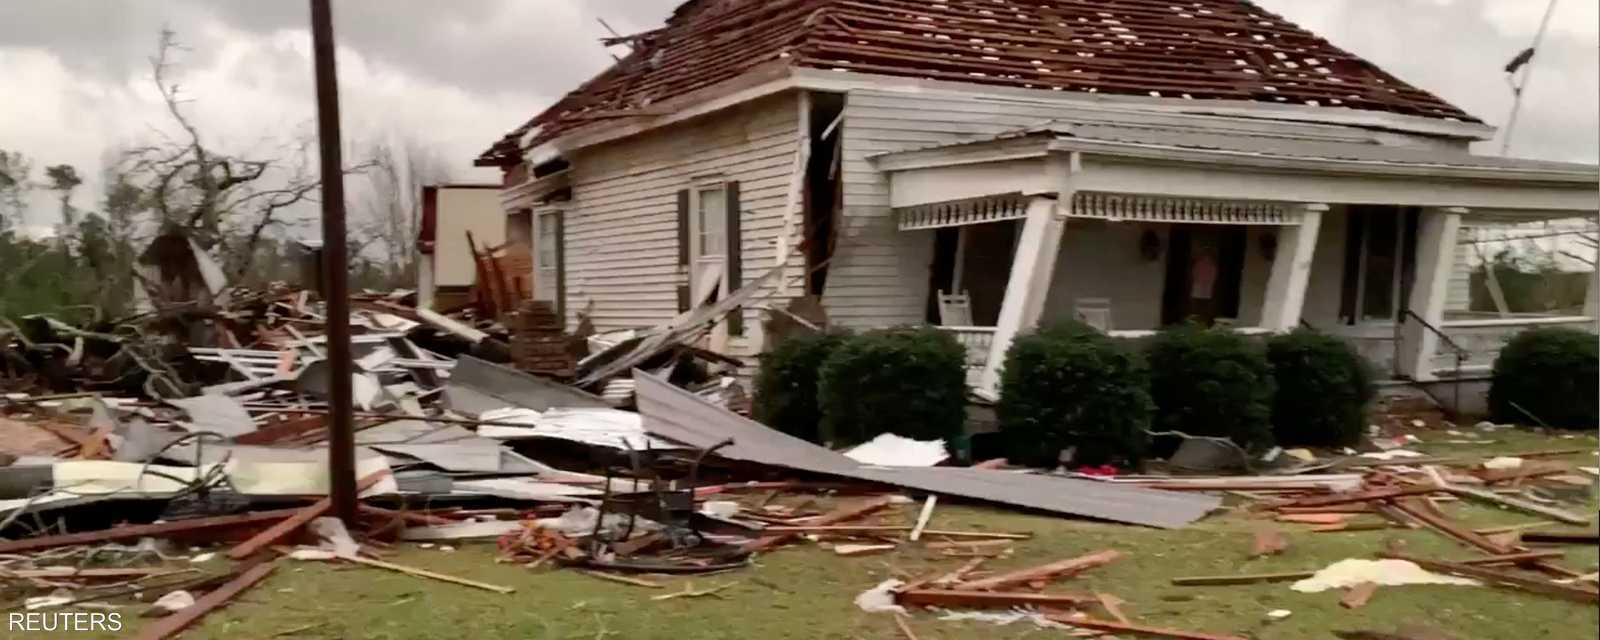 حطام البيوت المتضررة من أعاصير ولاية ألاباما الأميركية